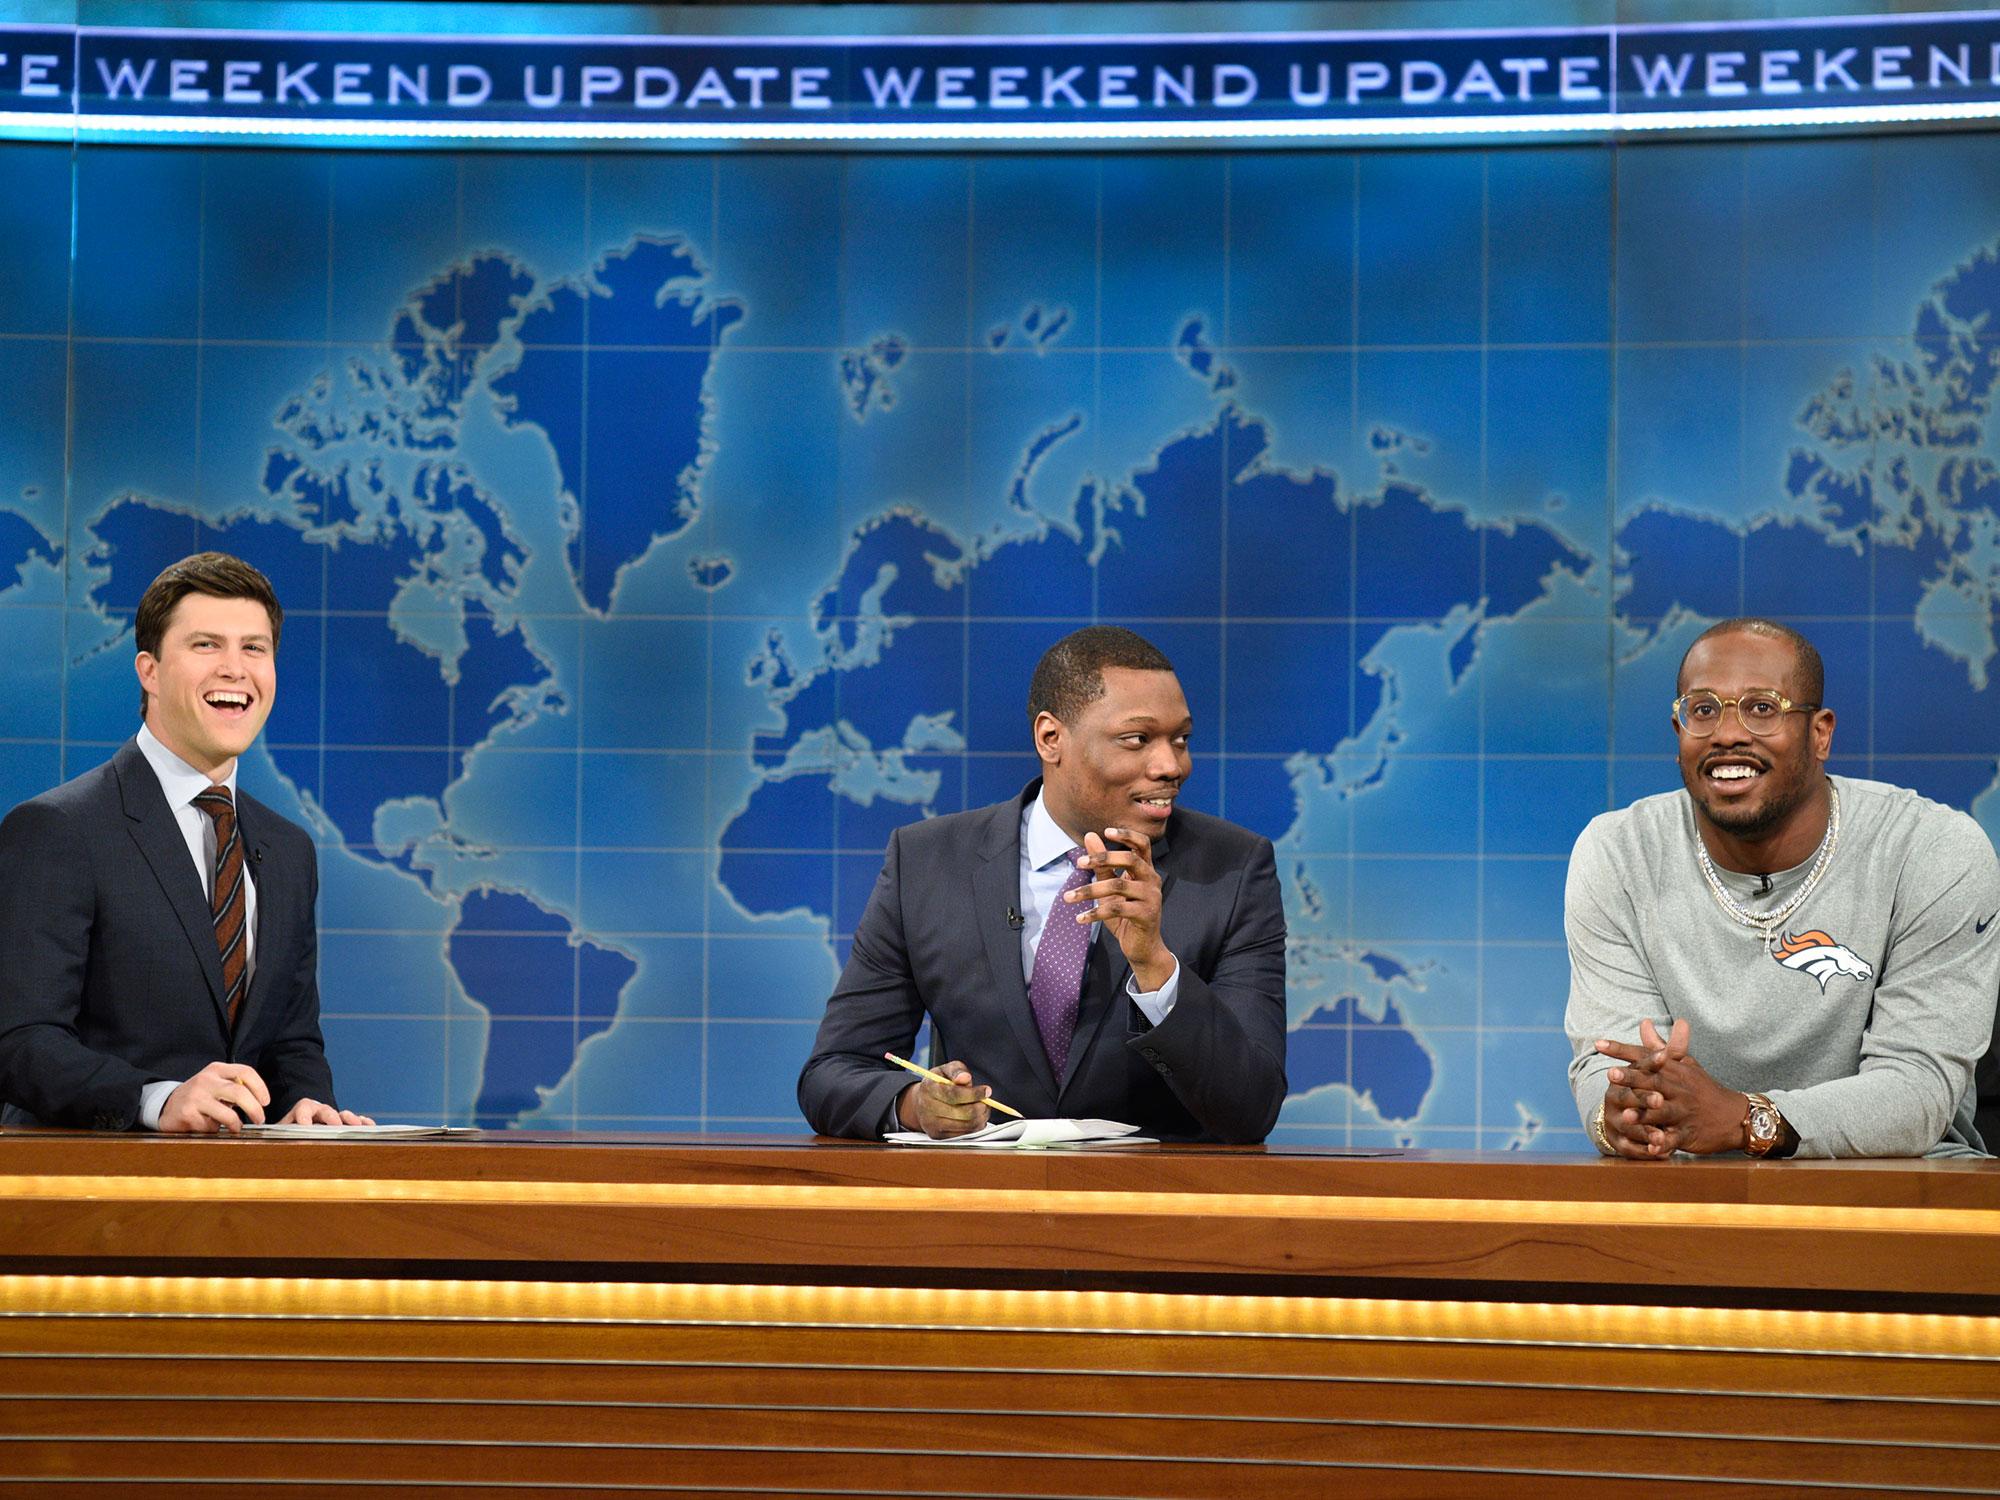 Von Miller on Saturday Night Live